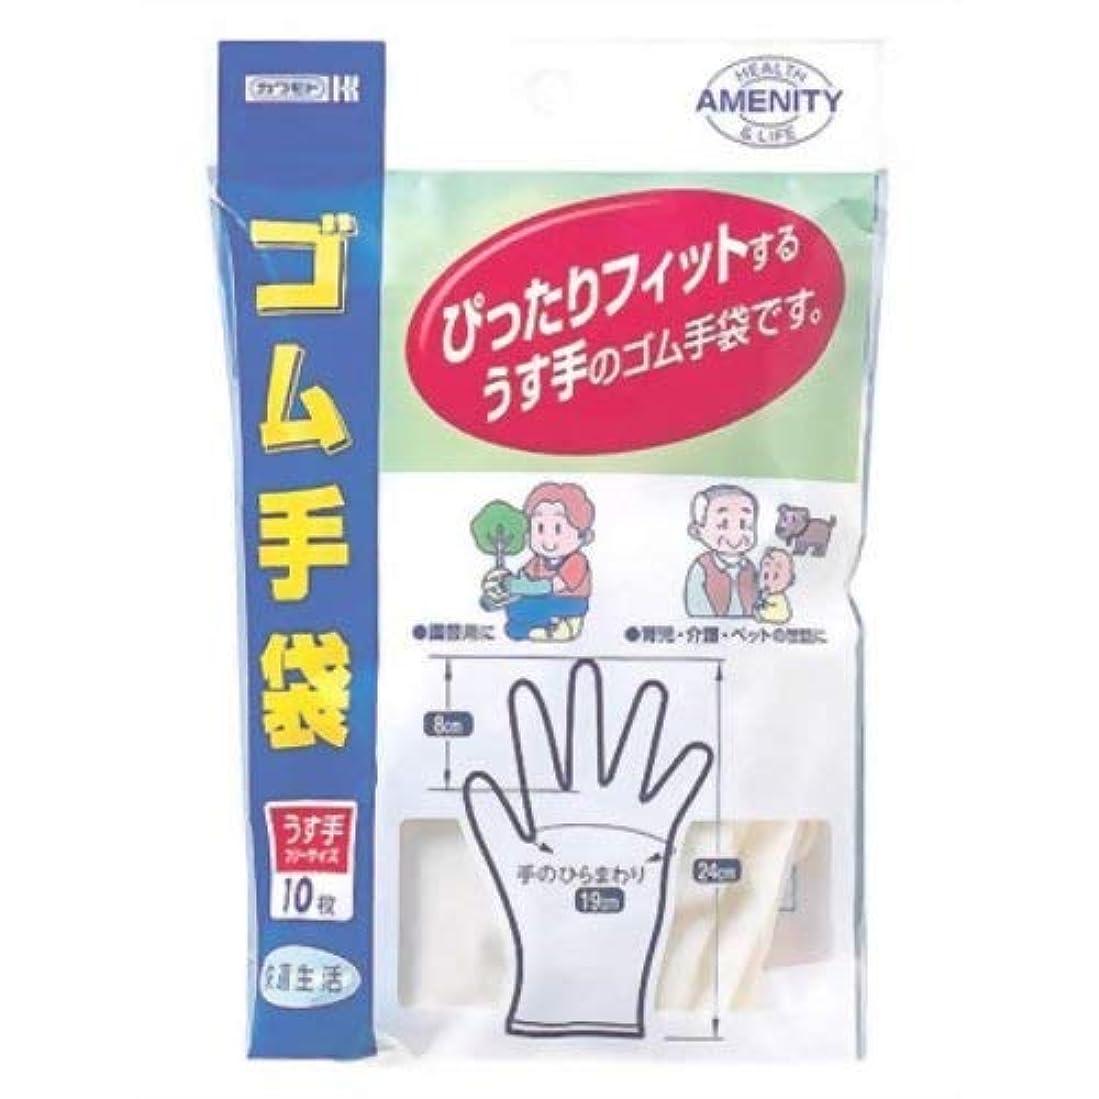 規範ドキドキ改善するカワモト ゴム手袋 10枚 ×6個